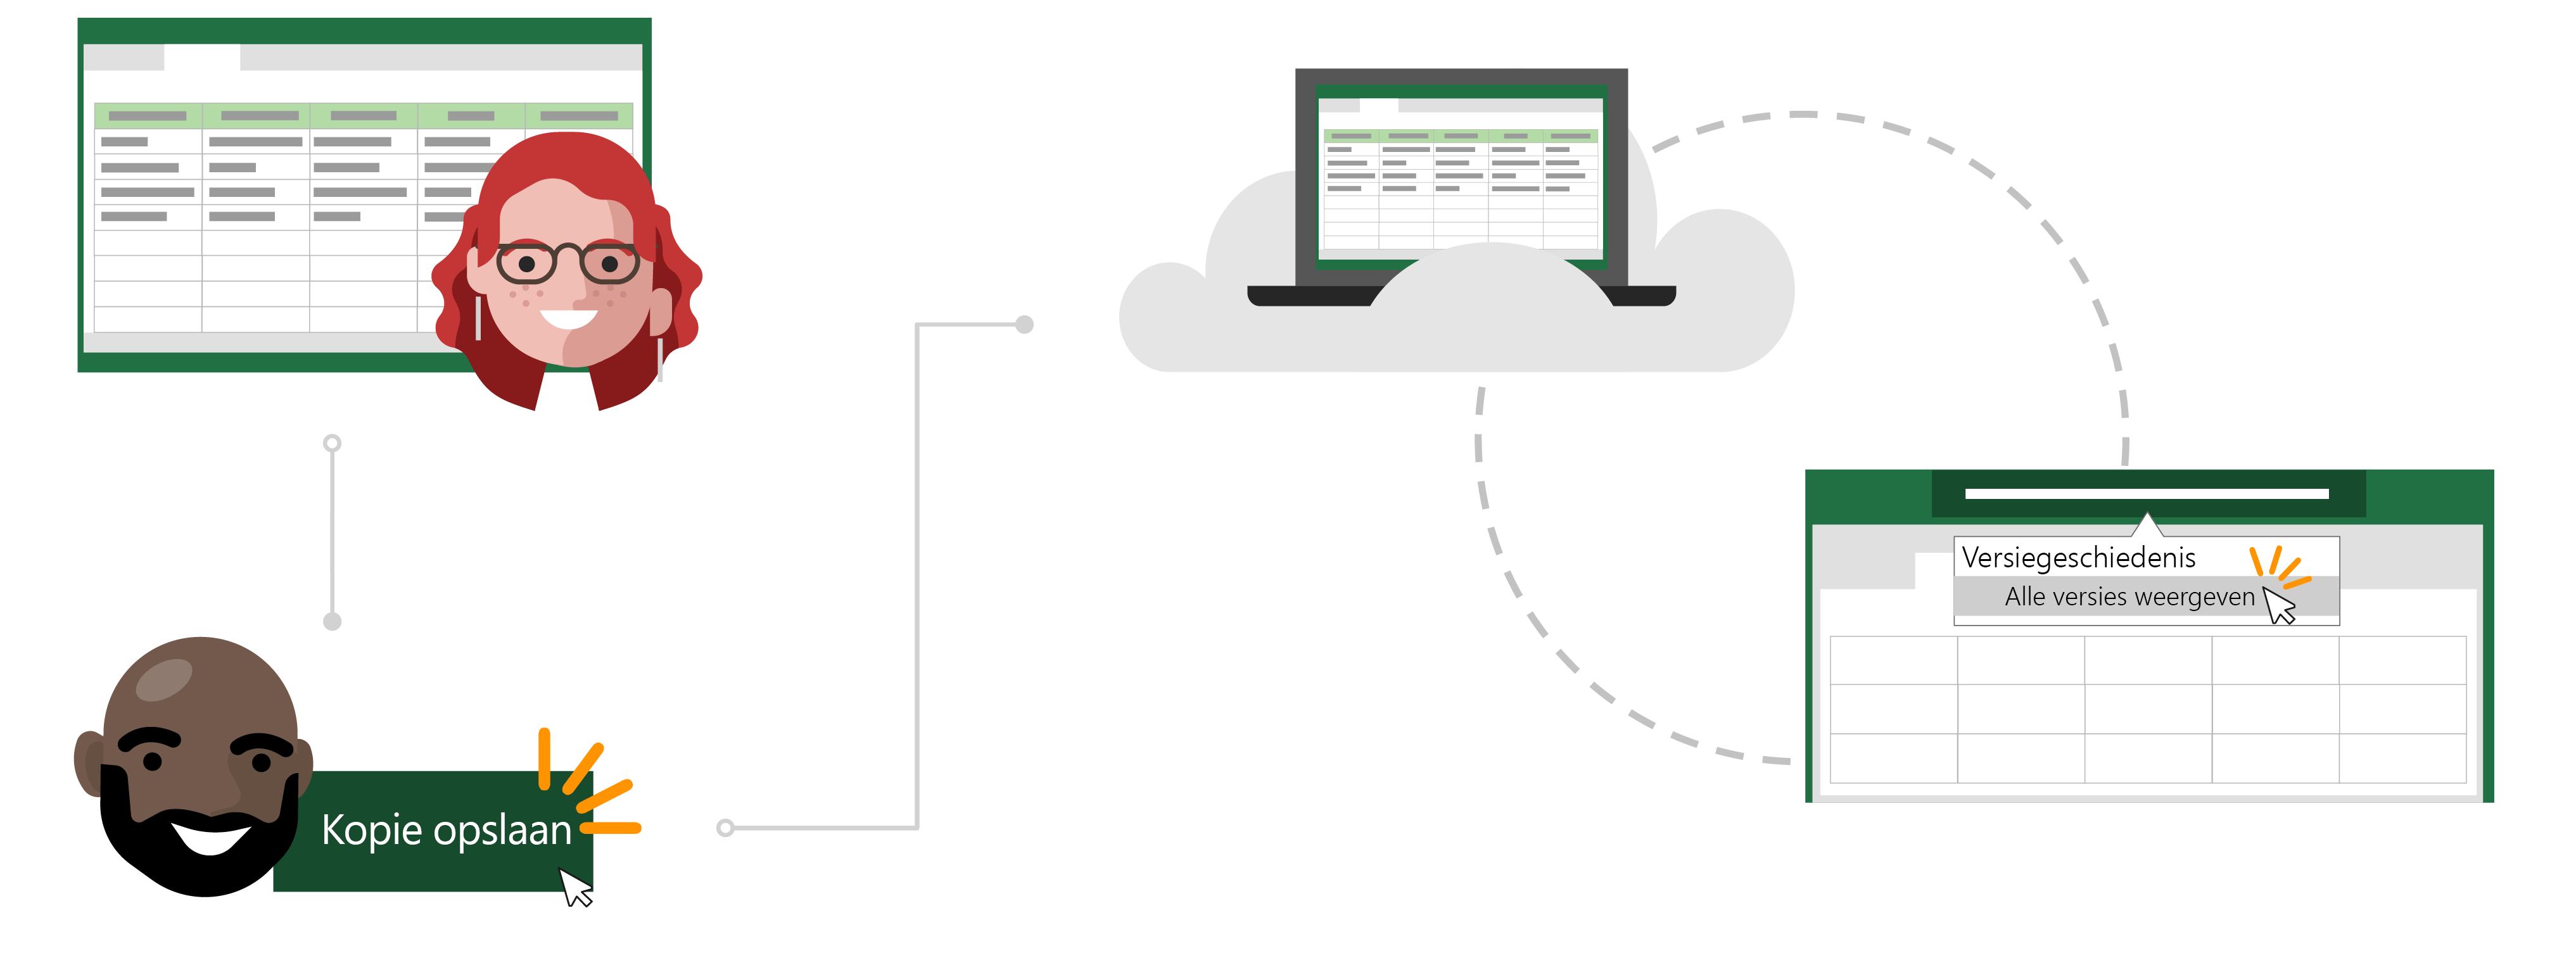 Een bestaand bestand in de cloud gebruiken als een sjabloon voor een nieuw bestand met een kopie opslaan.